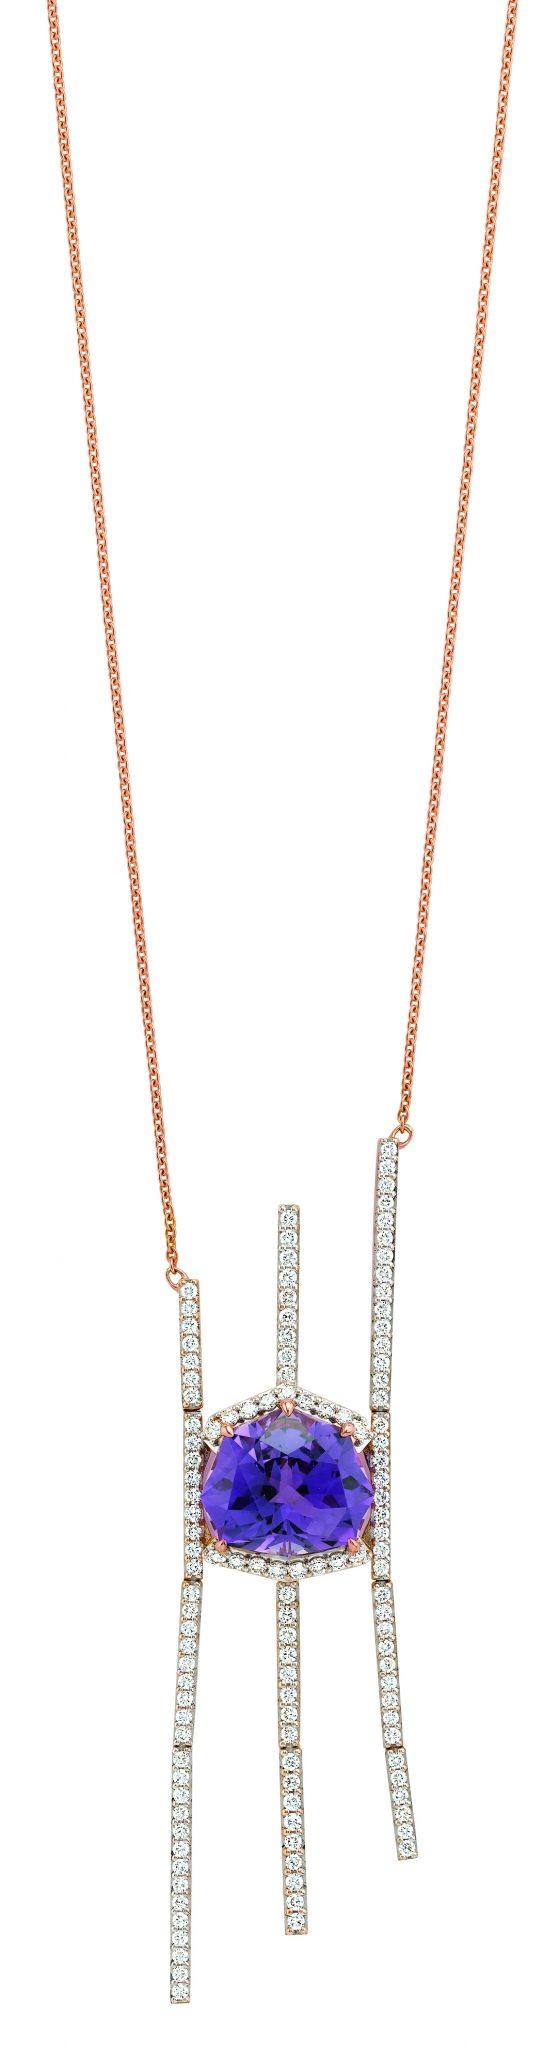 Gringoire Joaillier - ROSE - Amethyste et diamants - WP1682AM-BTS